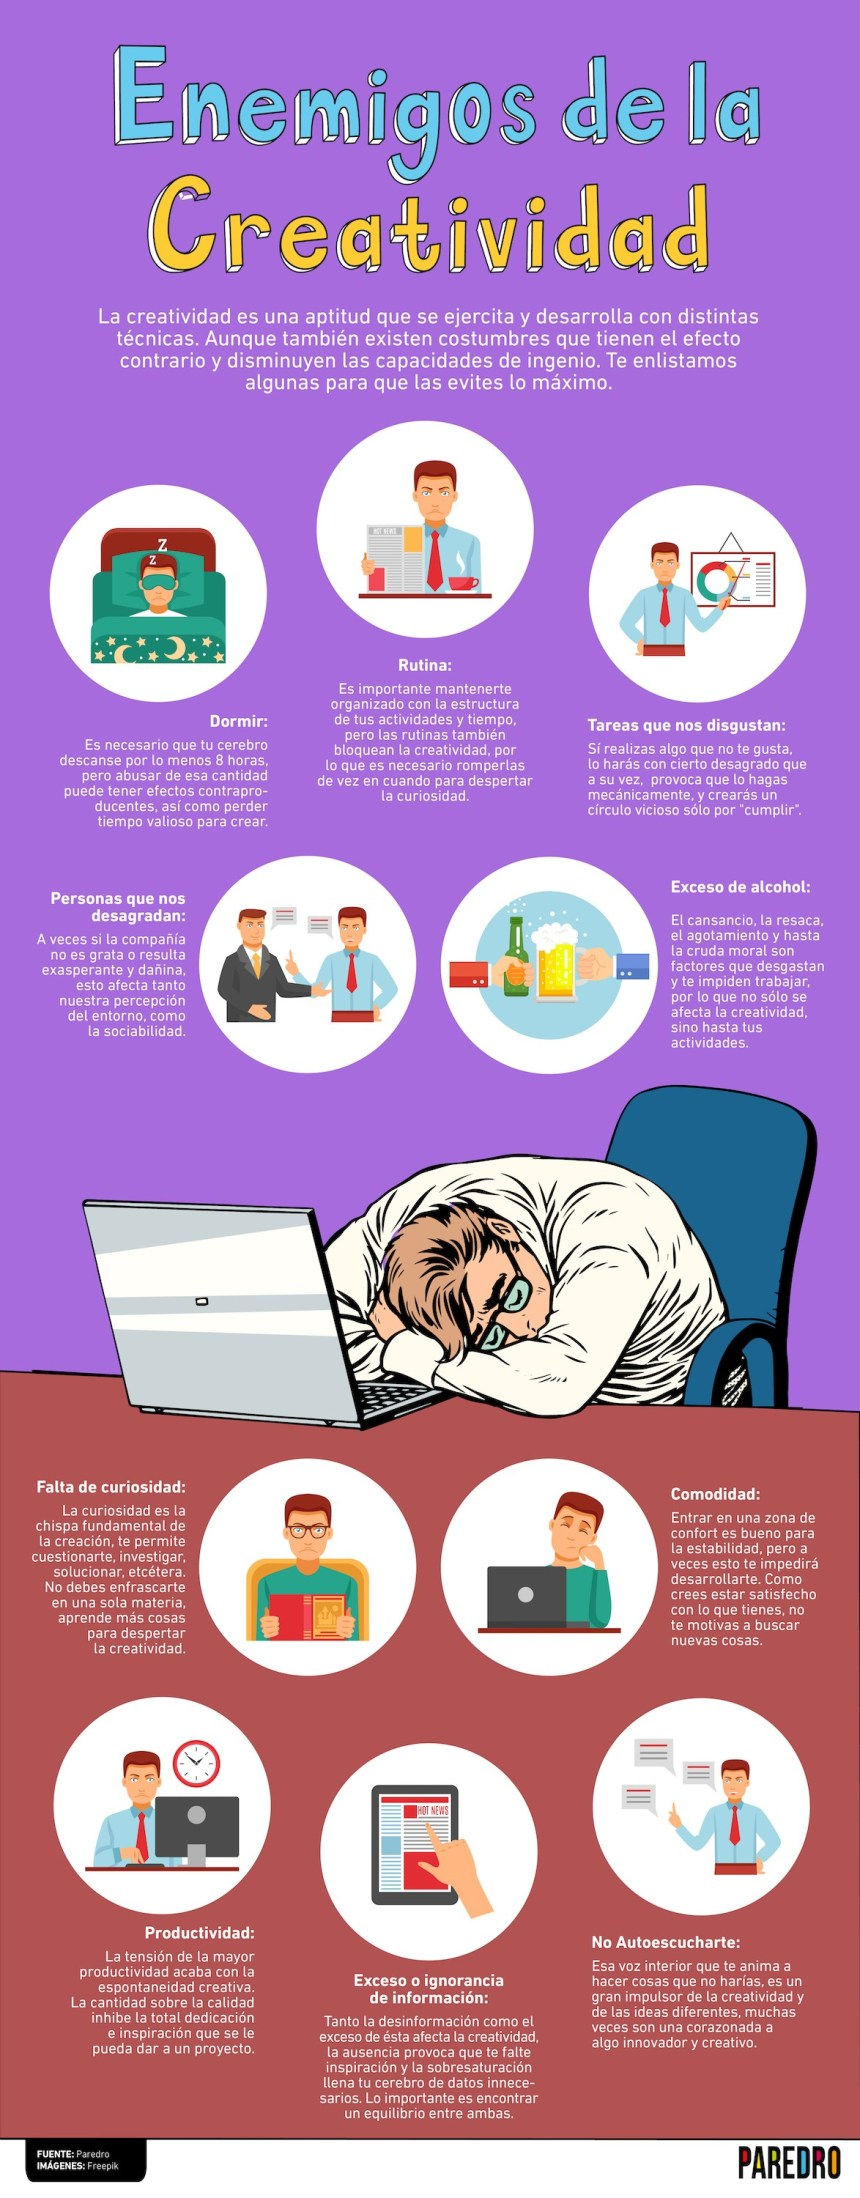 Enemigos de la Creatividad #infografia #infographic #creatividad